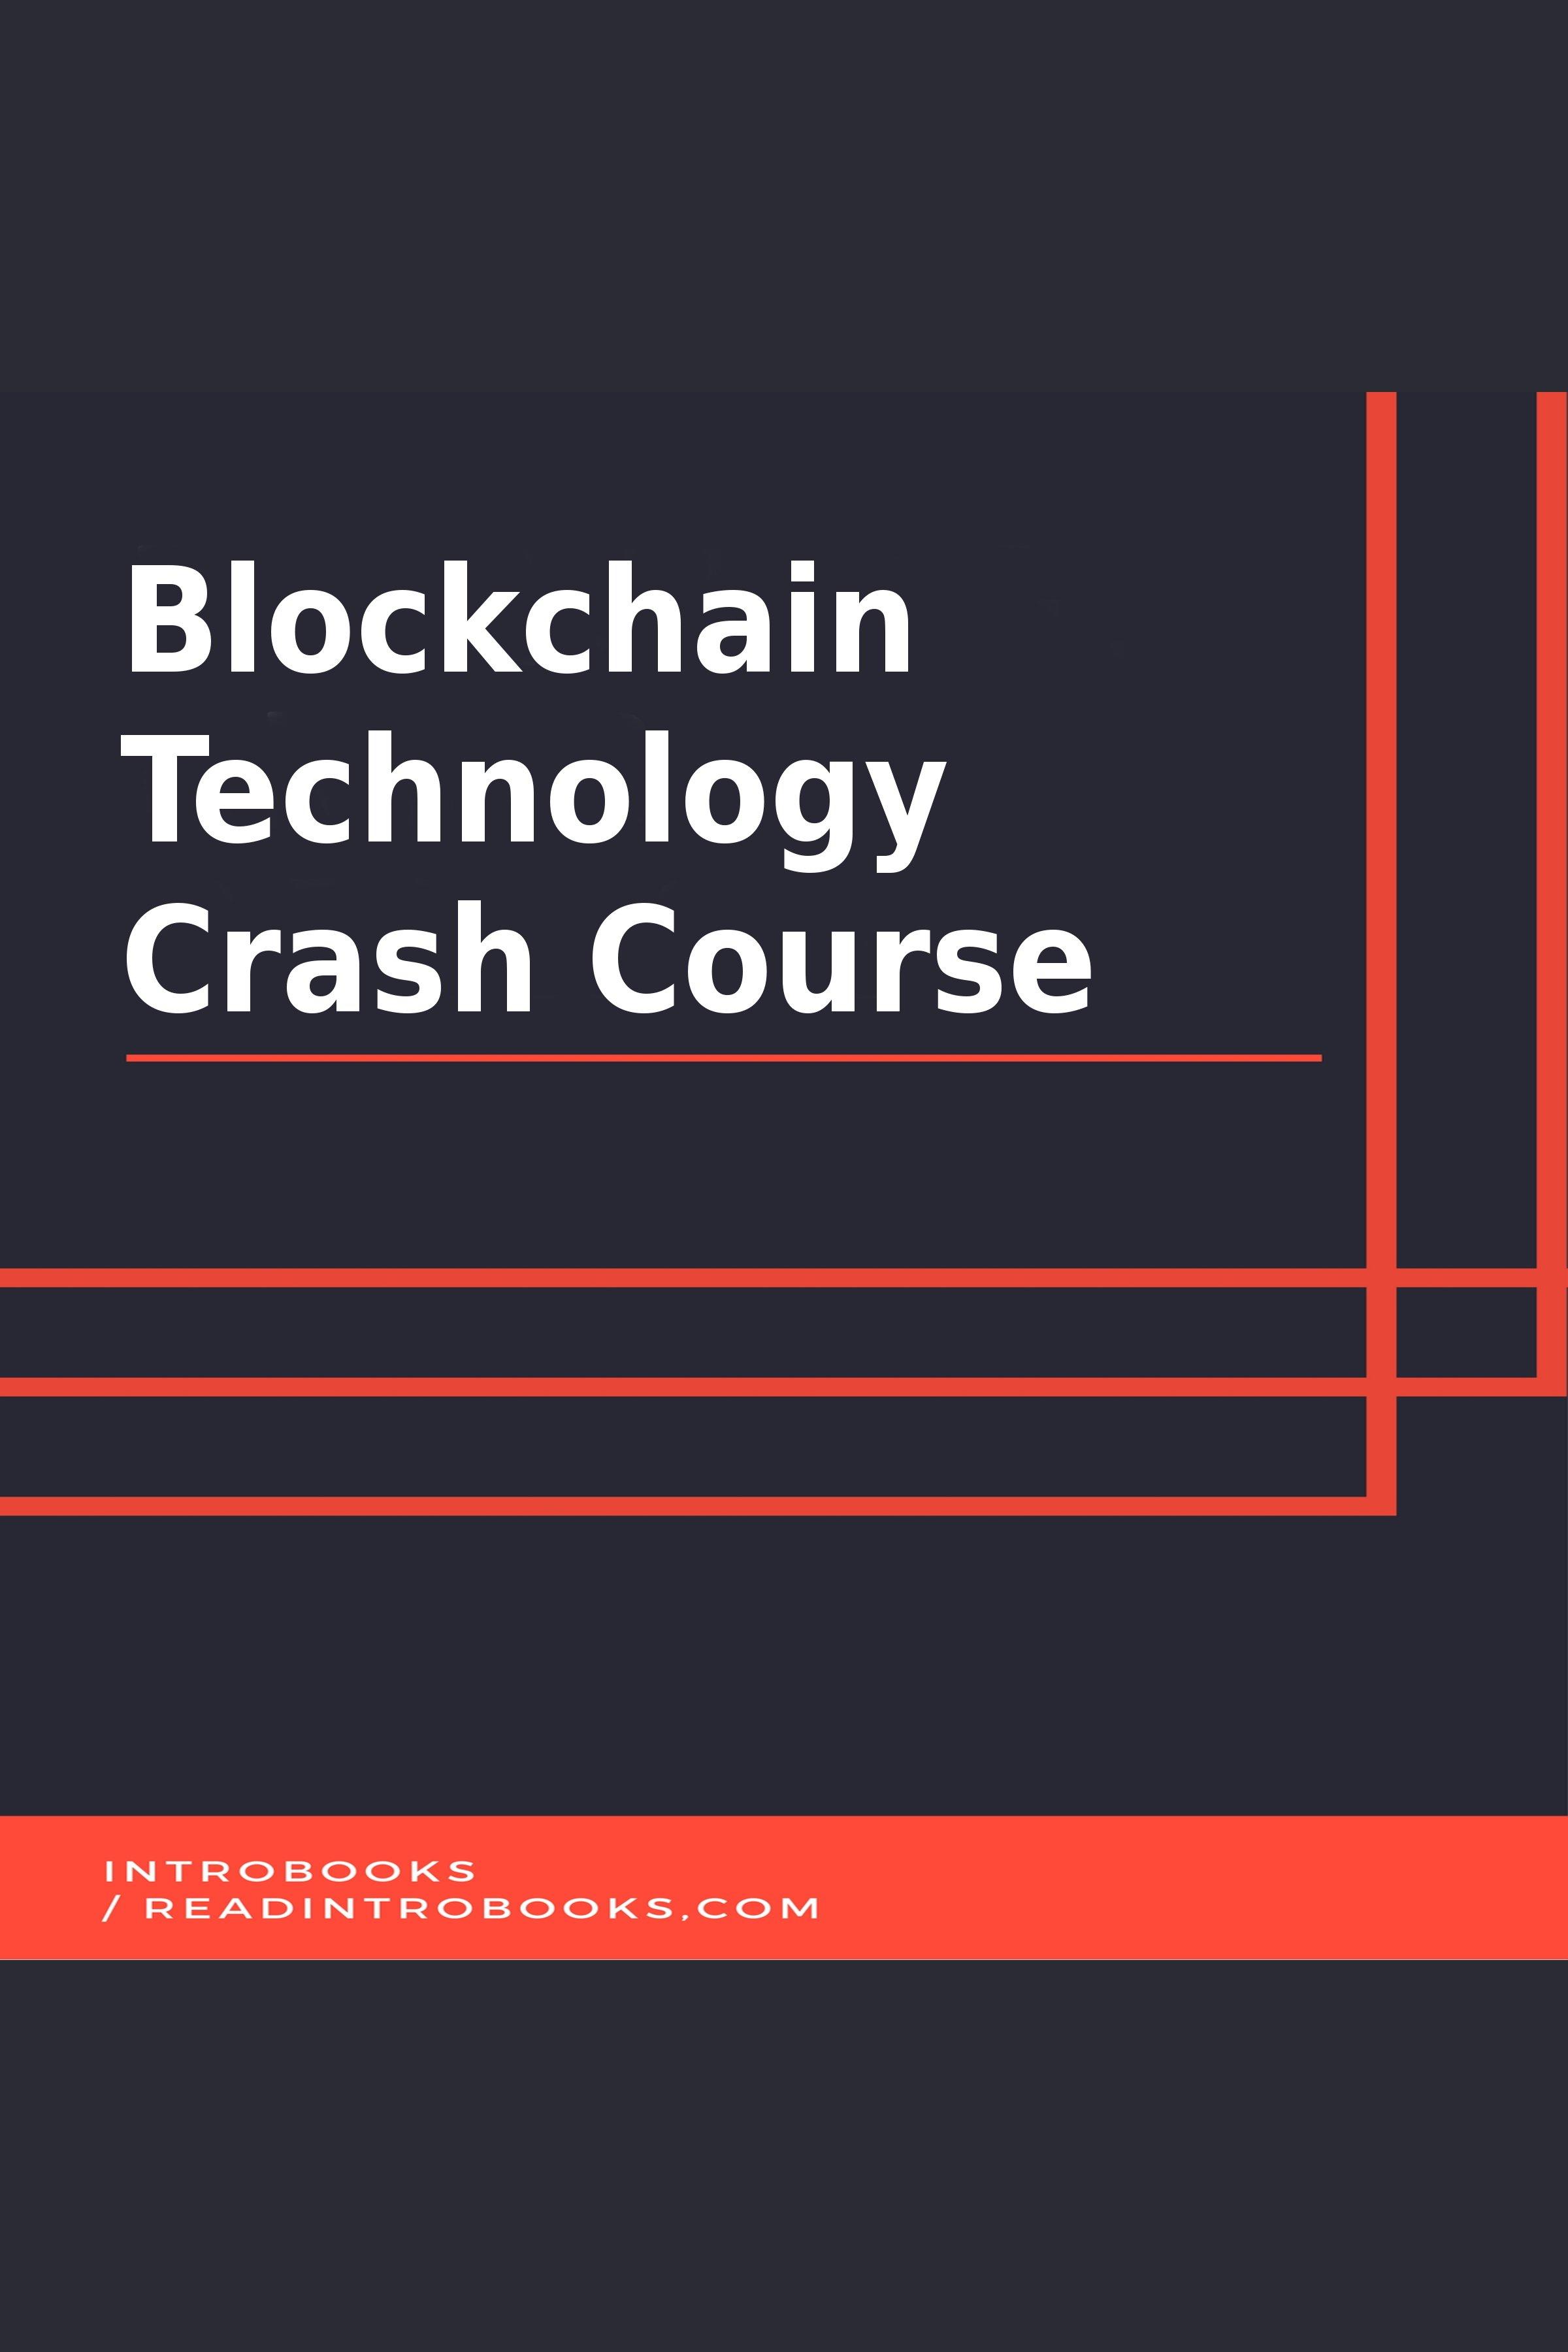 Esta es la portada del audiolibro Blockchain Technology Crash Course